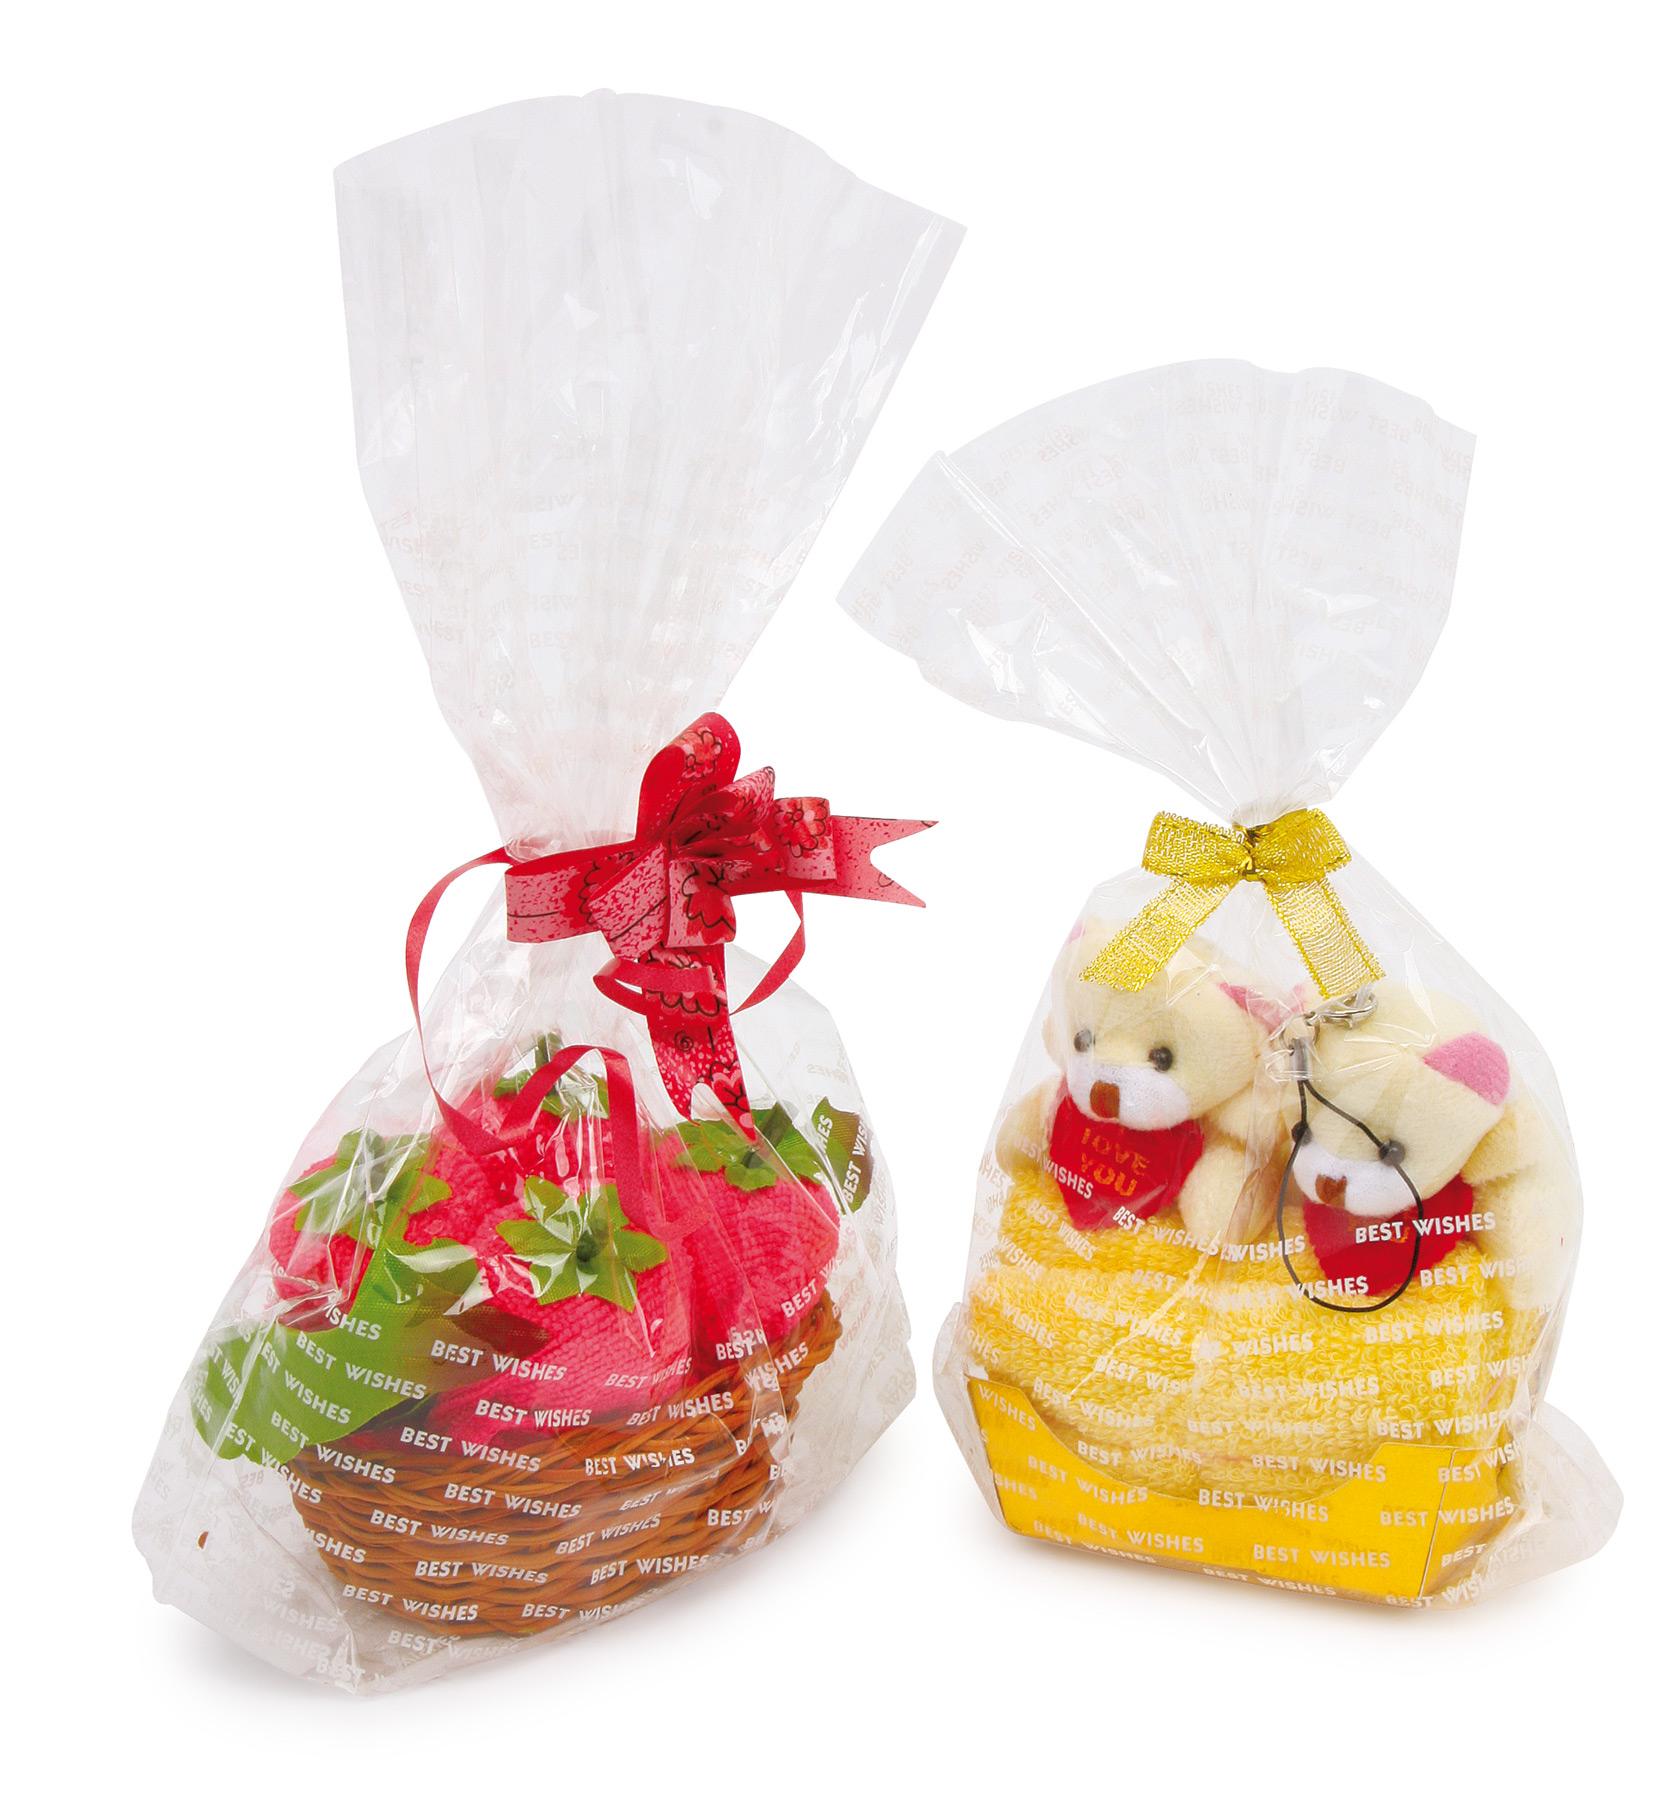 Confezione regalo asciugamani offerte speciali for Offerte in regalo